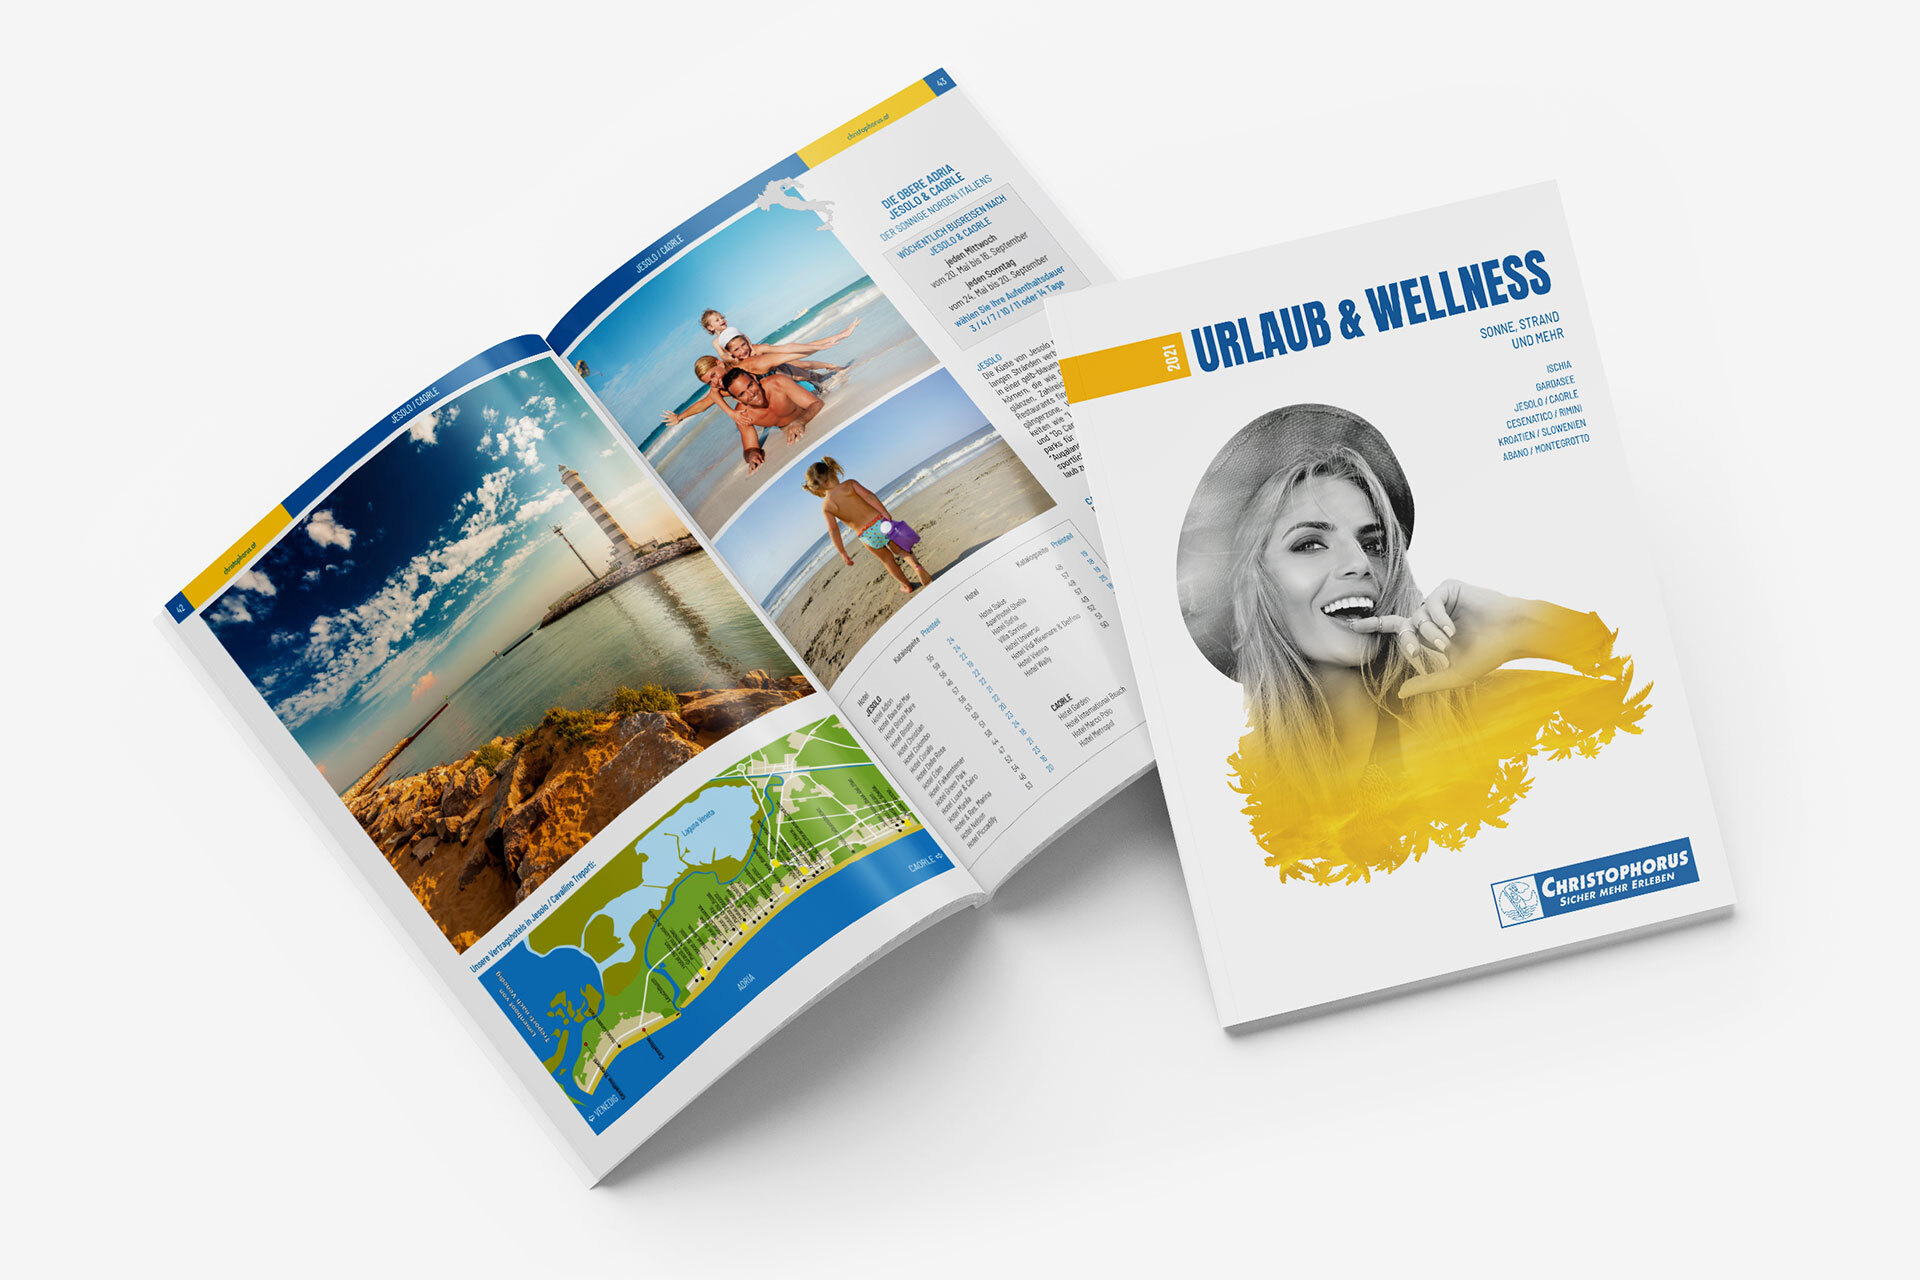 Urlaub & Wellness Katalog 2021